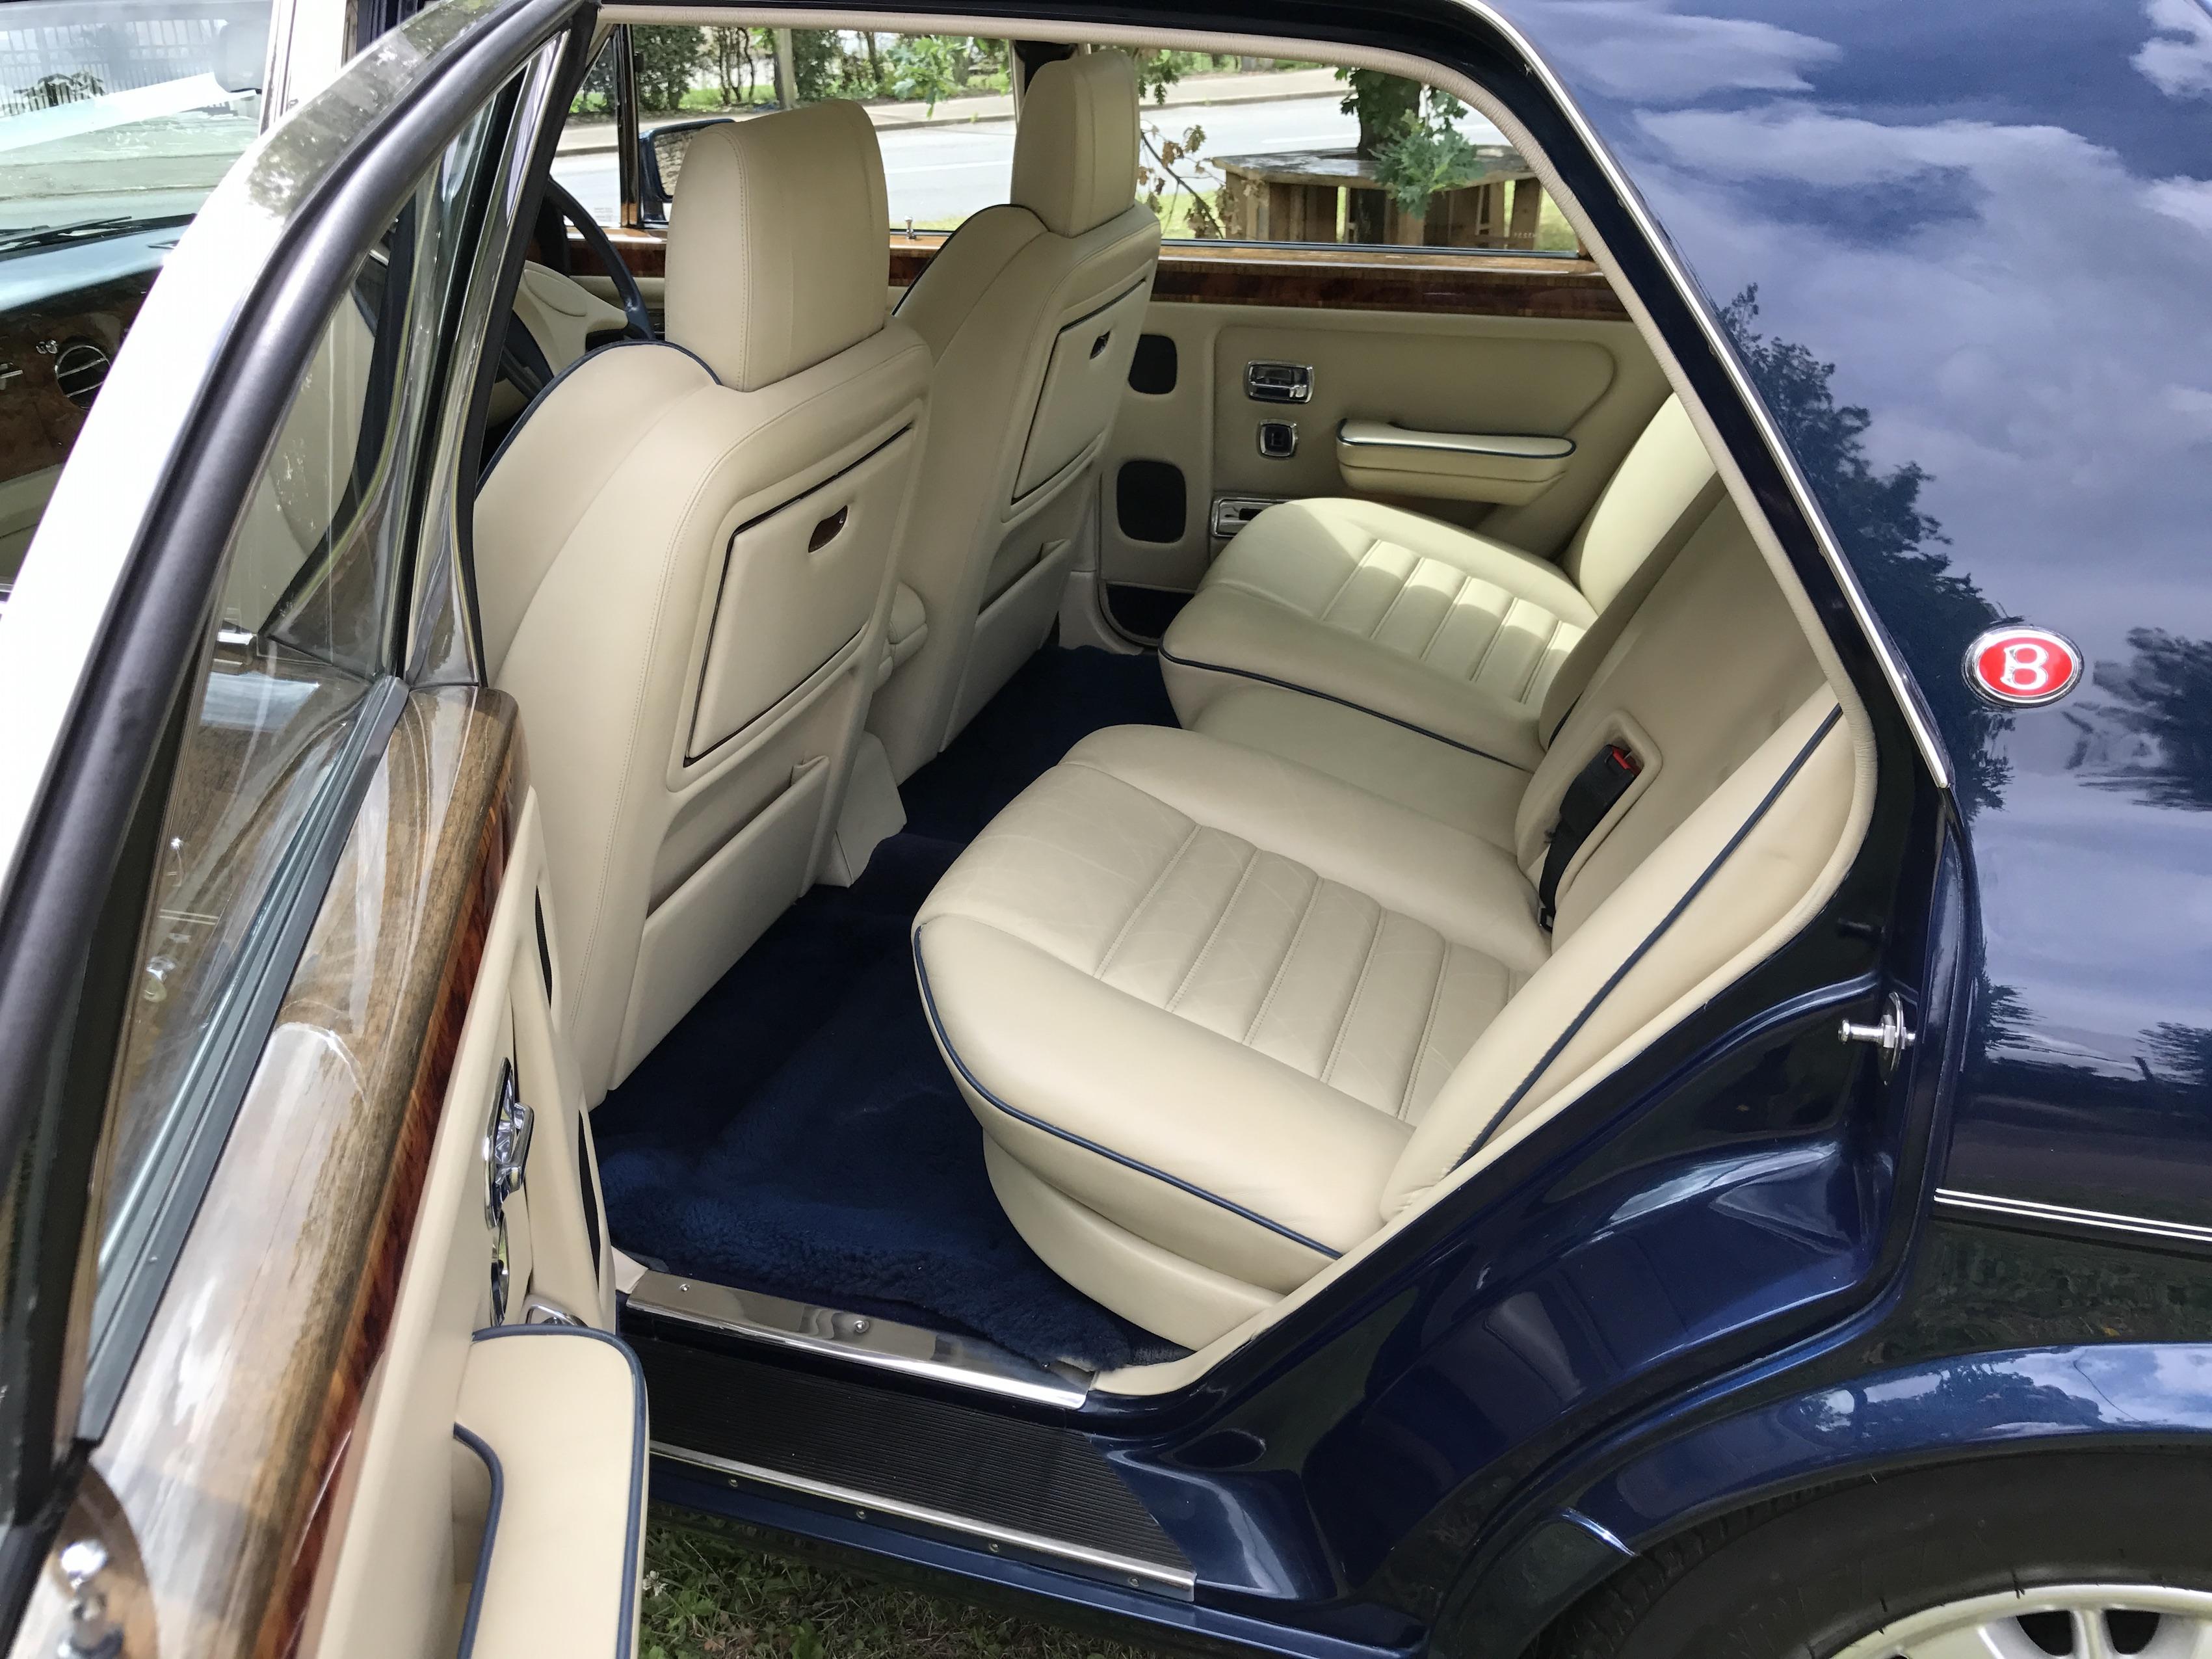 Turbo R interior